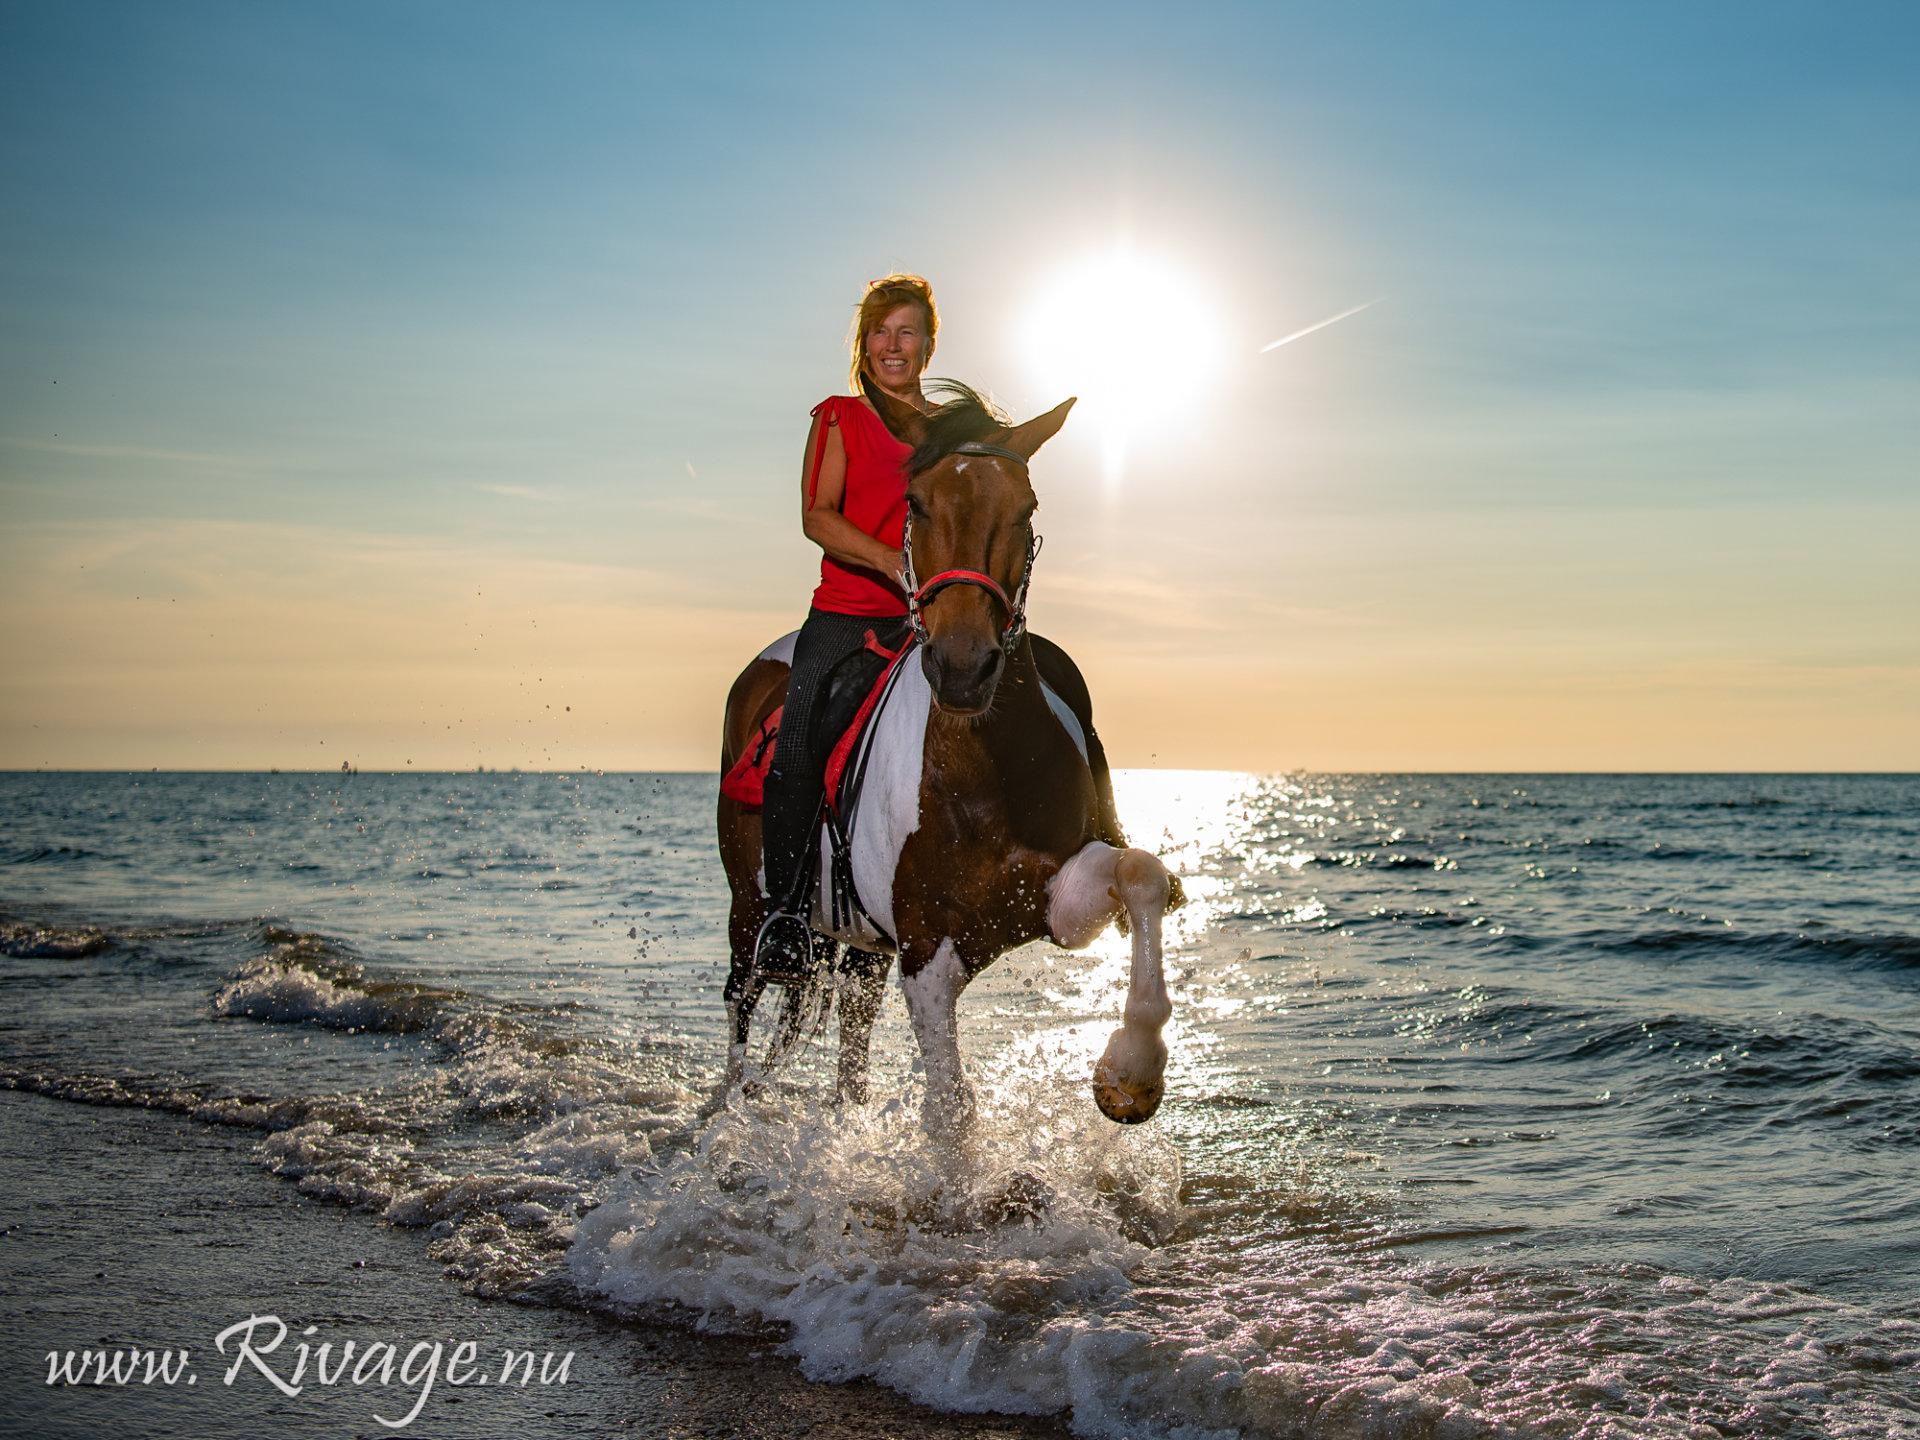 Paarden fotoshoot strand aan zee